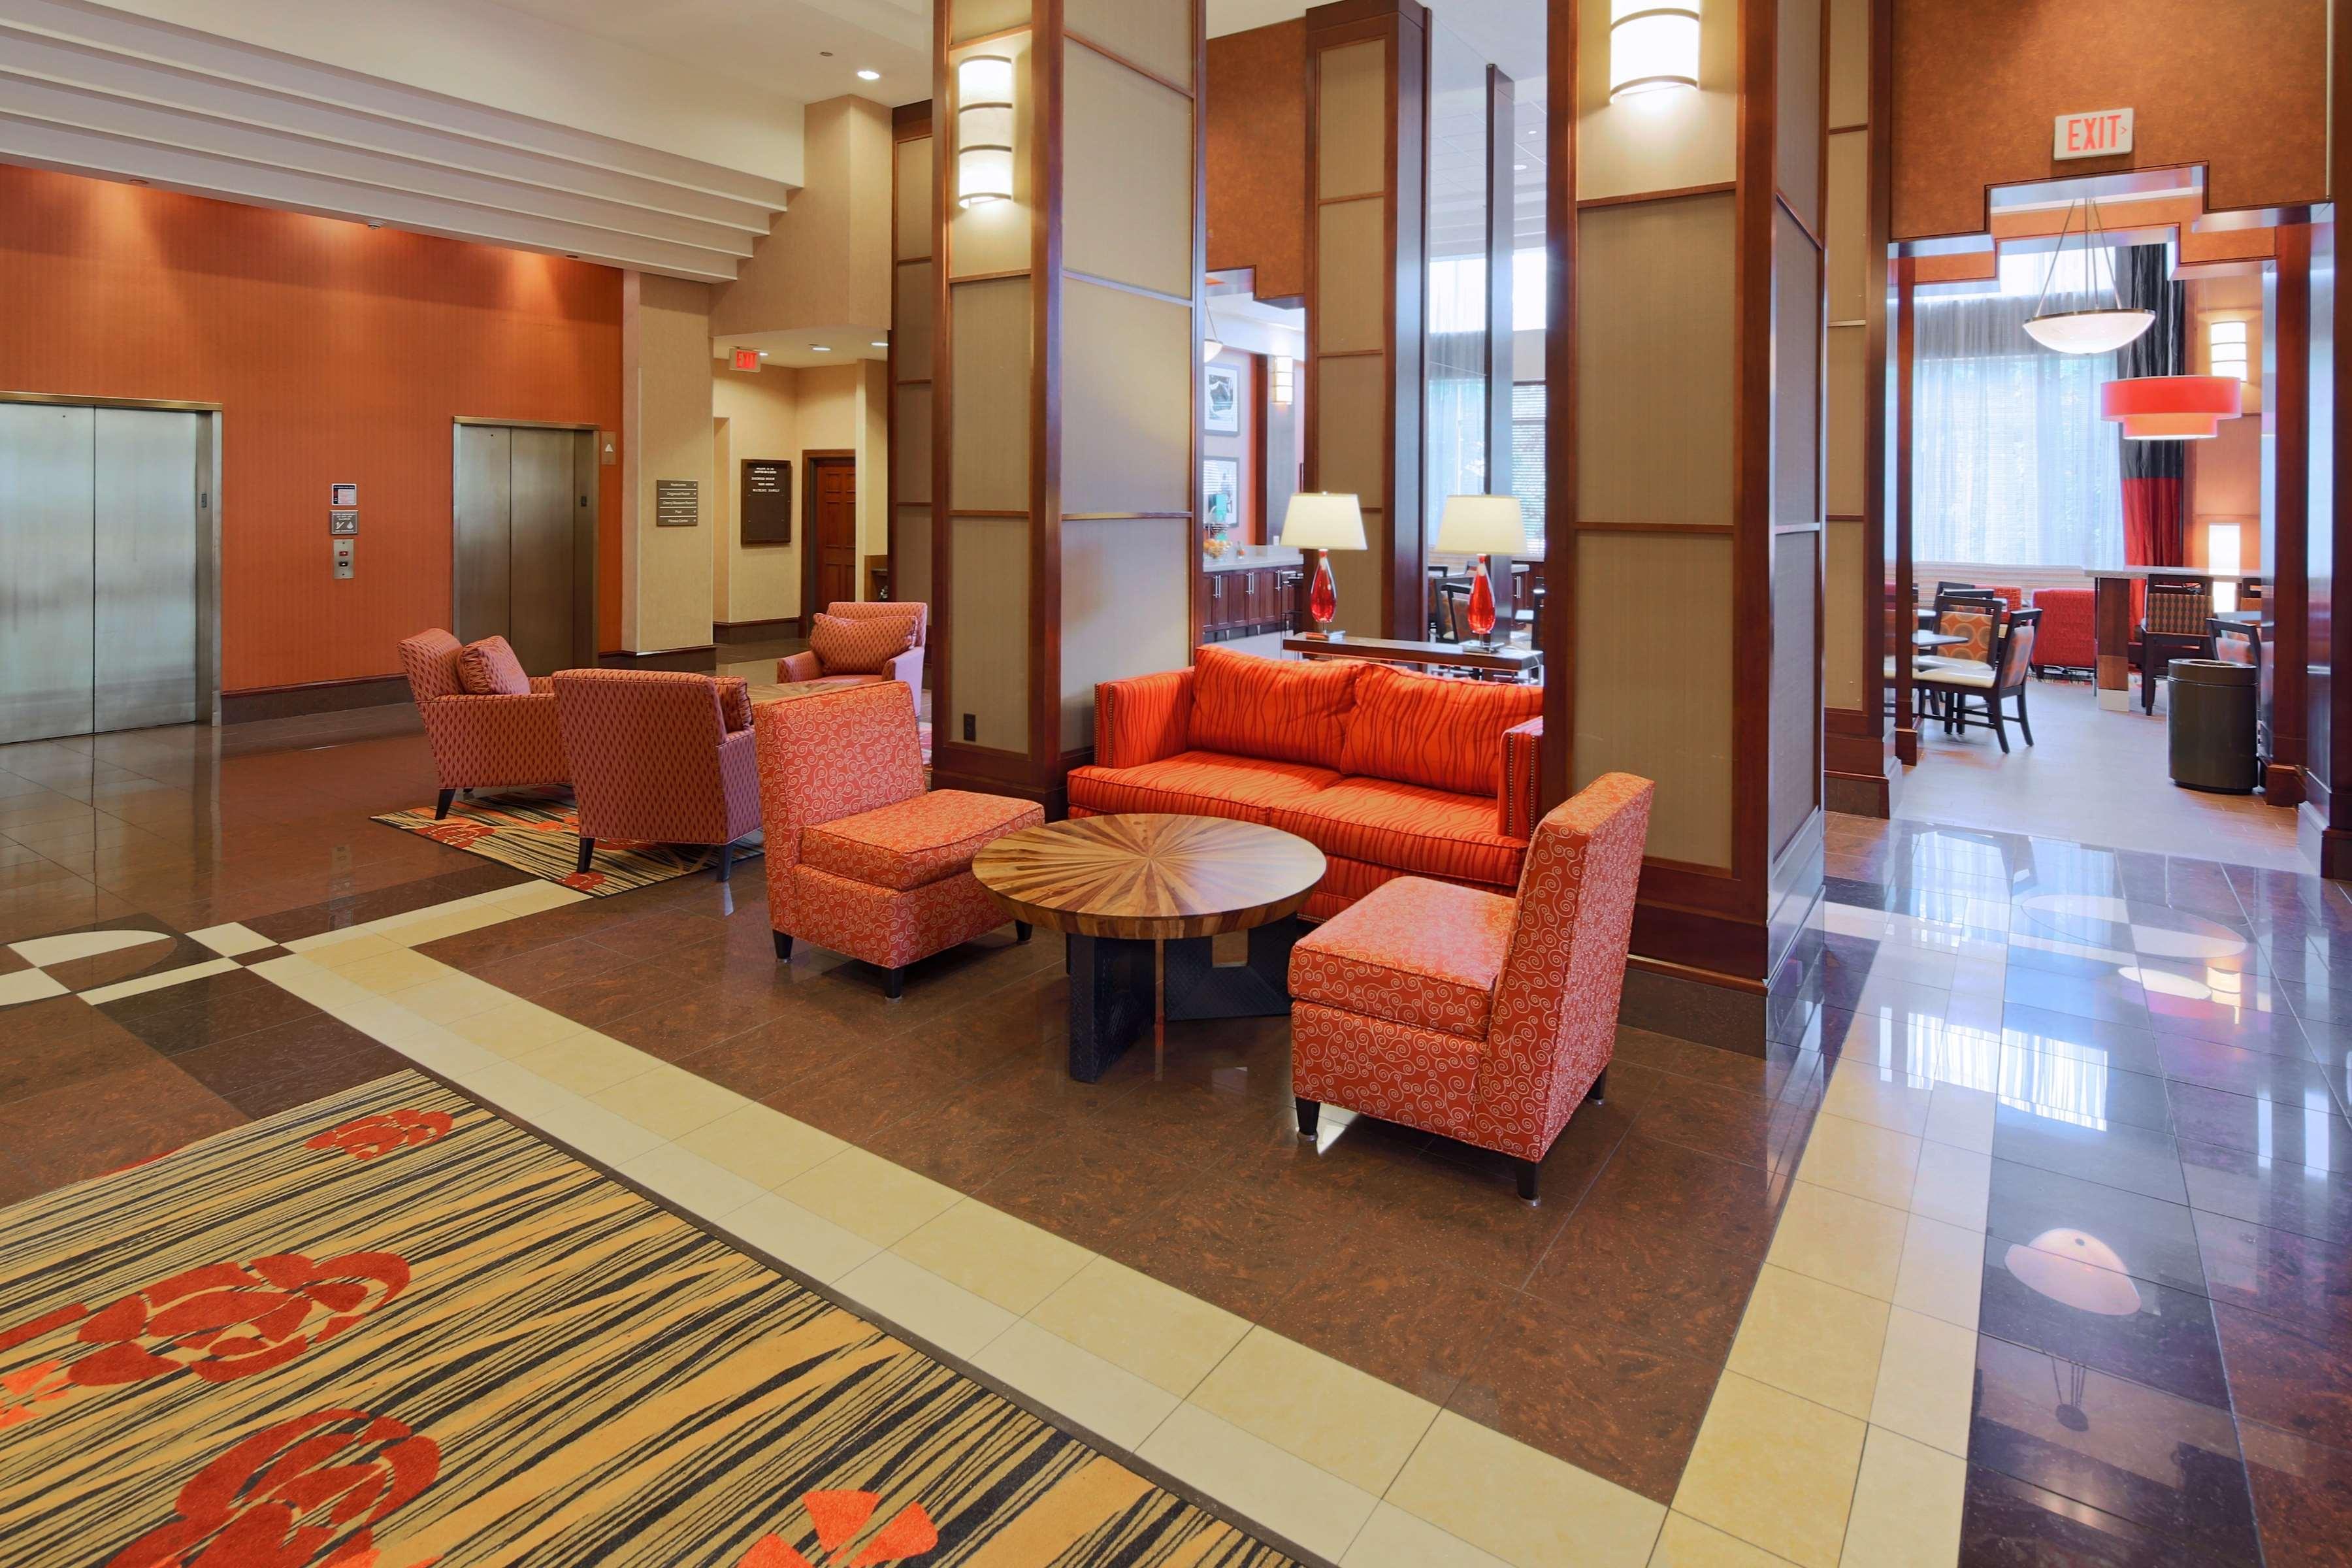 Hampton Inn & Suites Reagan National Airport image 0